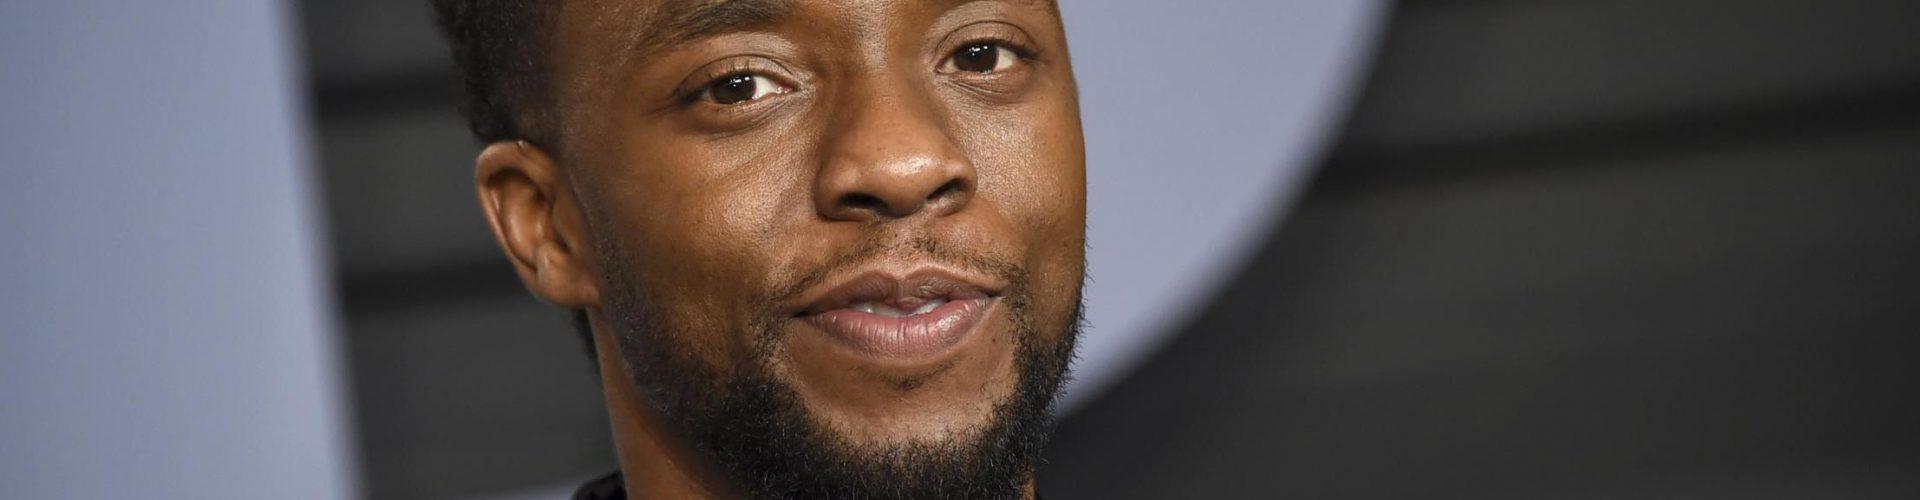 New Flavas ode to Black Panther – Chadwick Boseman